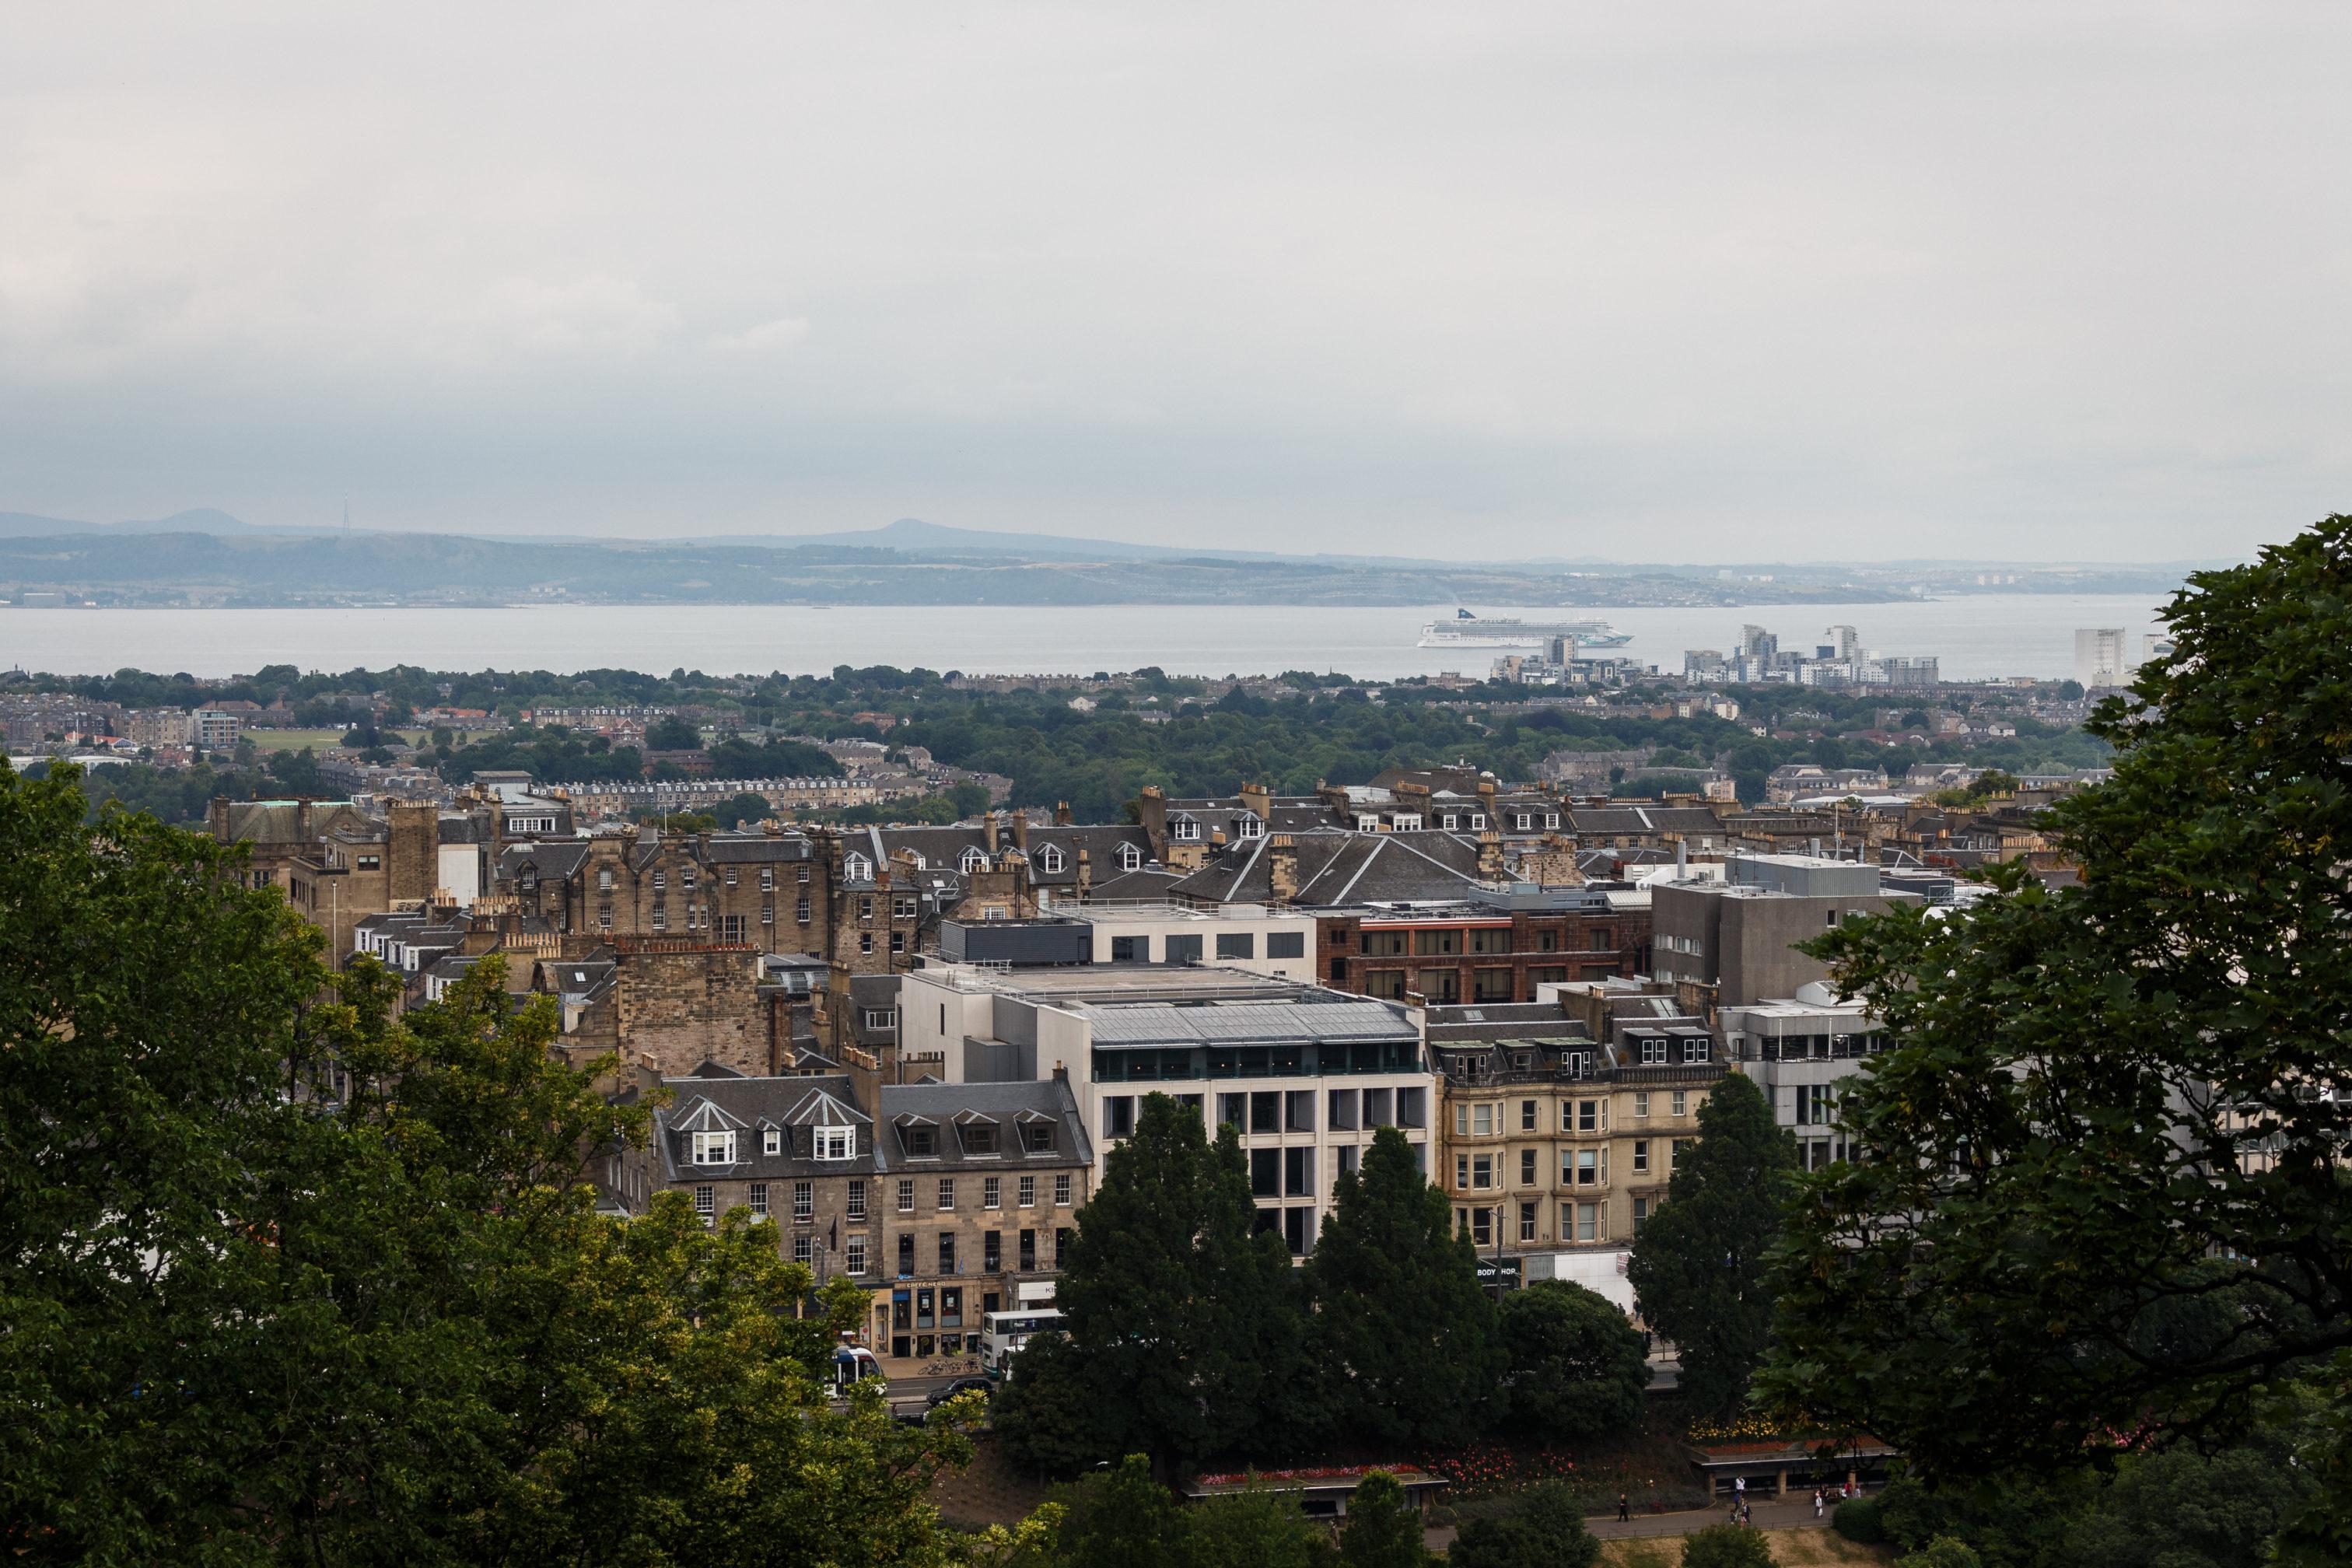 Der Blick vom Castel in Richtung Firth of Forth